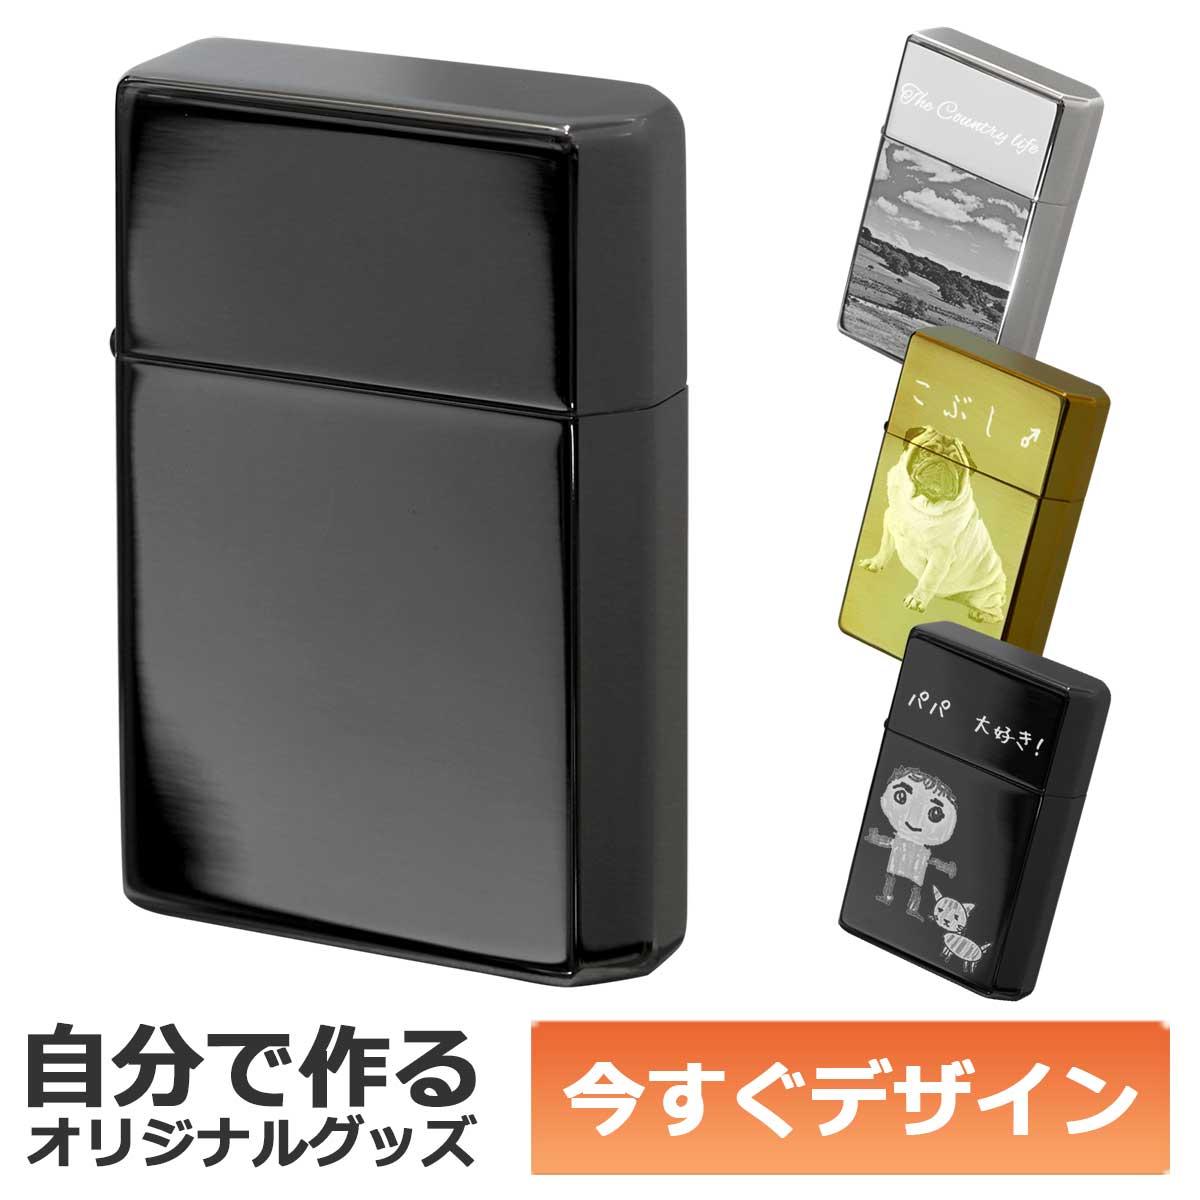 あす楽 名入れ ライター ギアトップ 日本製 OUTLET SALE ギフト 即納可能 配送員設置送料無料 オリジナル 1個から作れる GT1-04 メール便可 自分でデザイン ブラックニッケルミラー